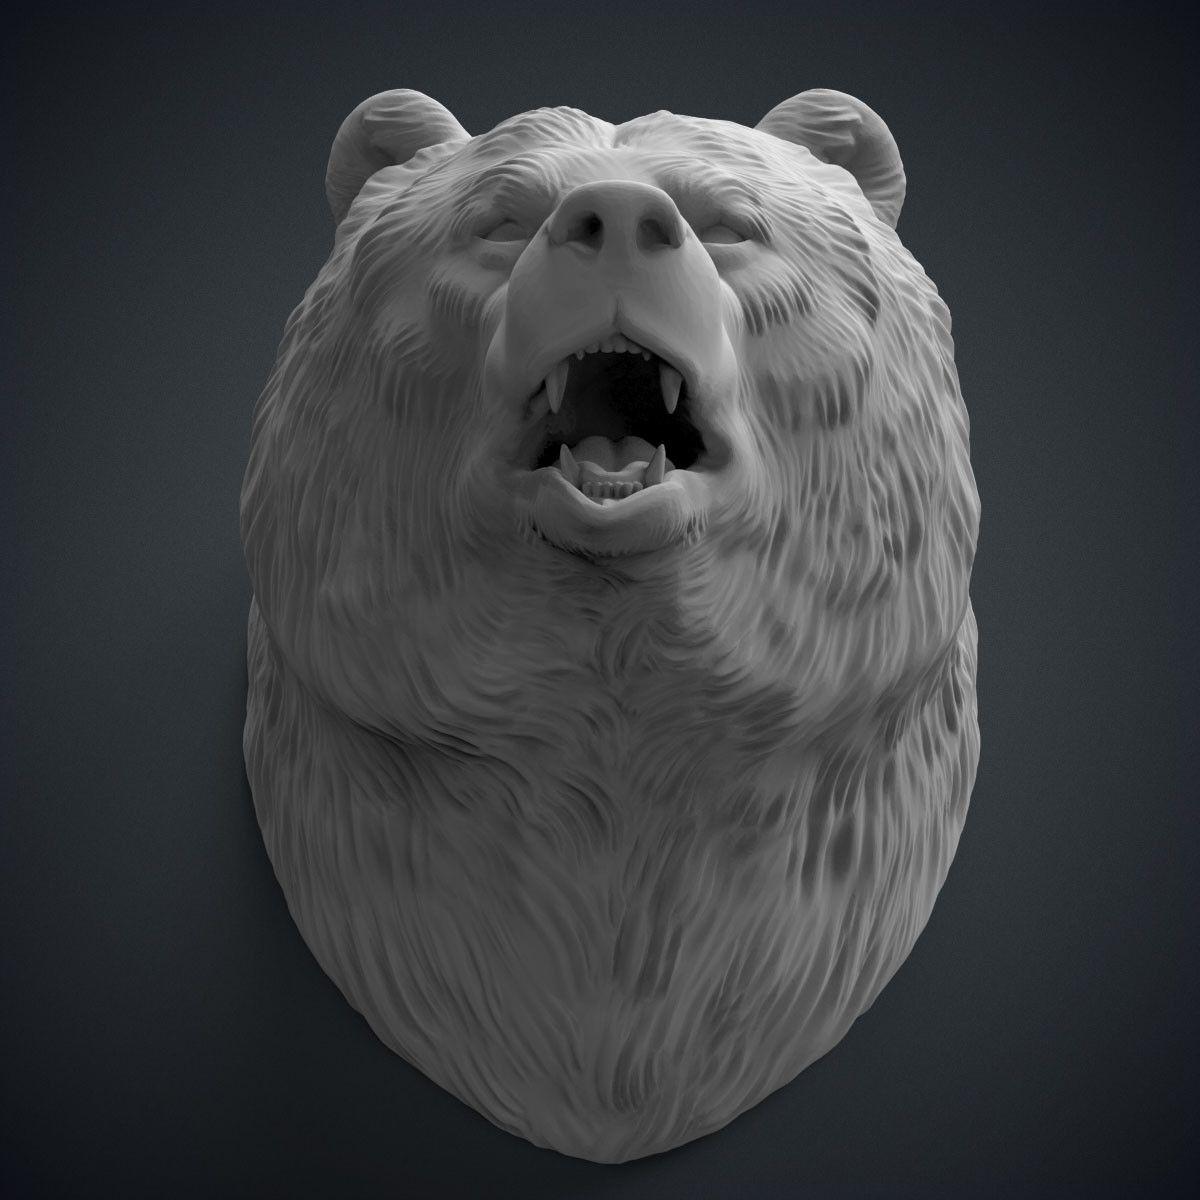 картинки скульптур медведя принято считать, что